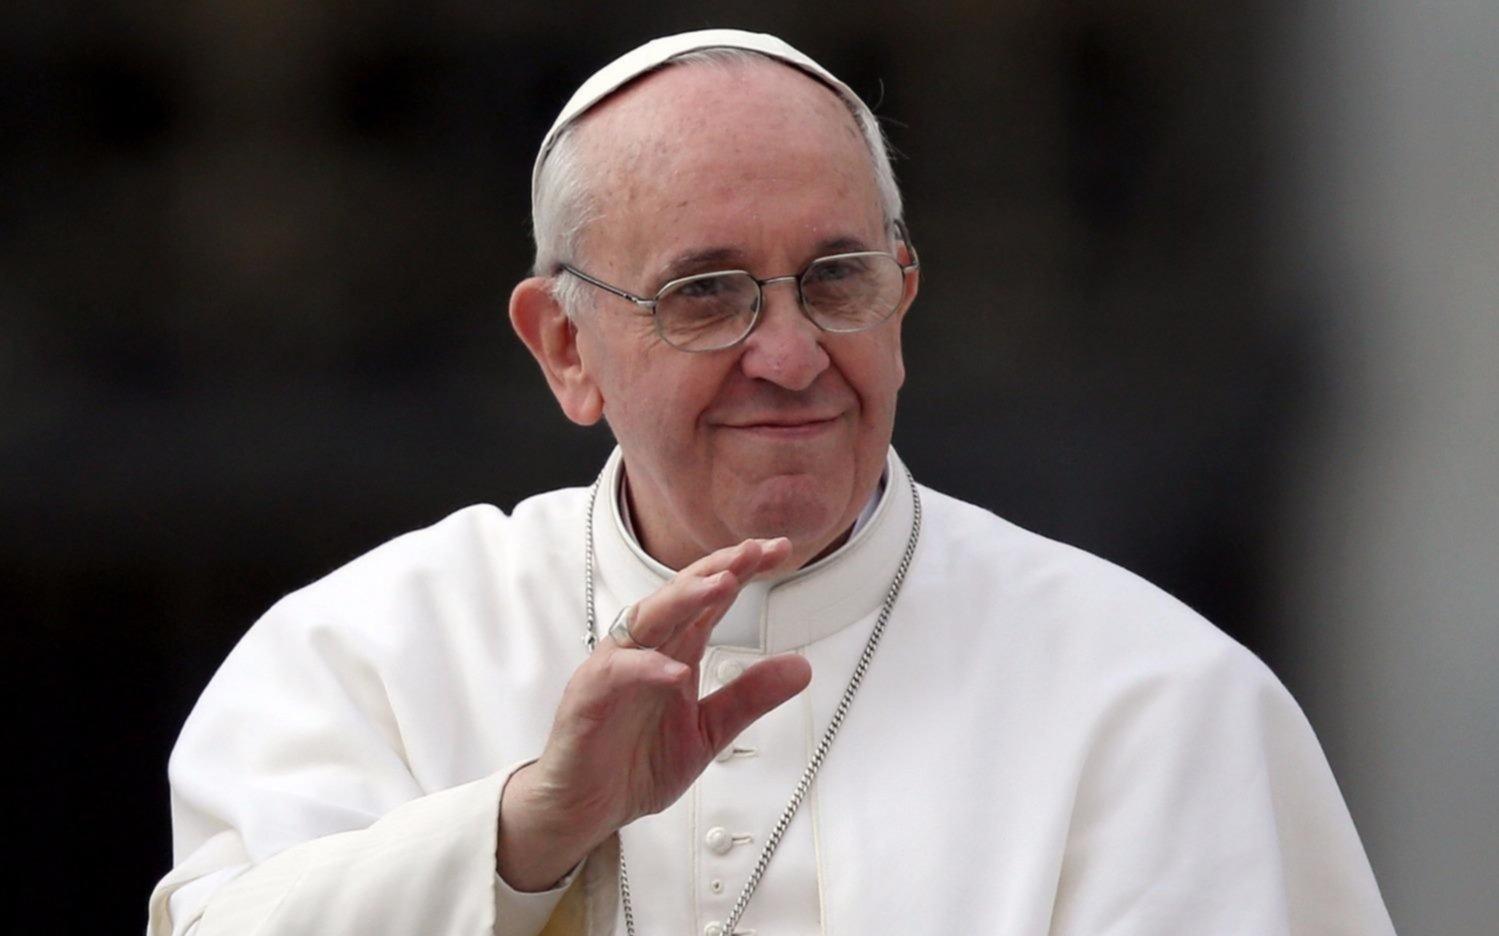 El Papa sobrevolará Argentina este lunes en su vuelo hacia Chile